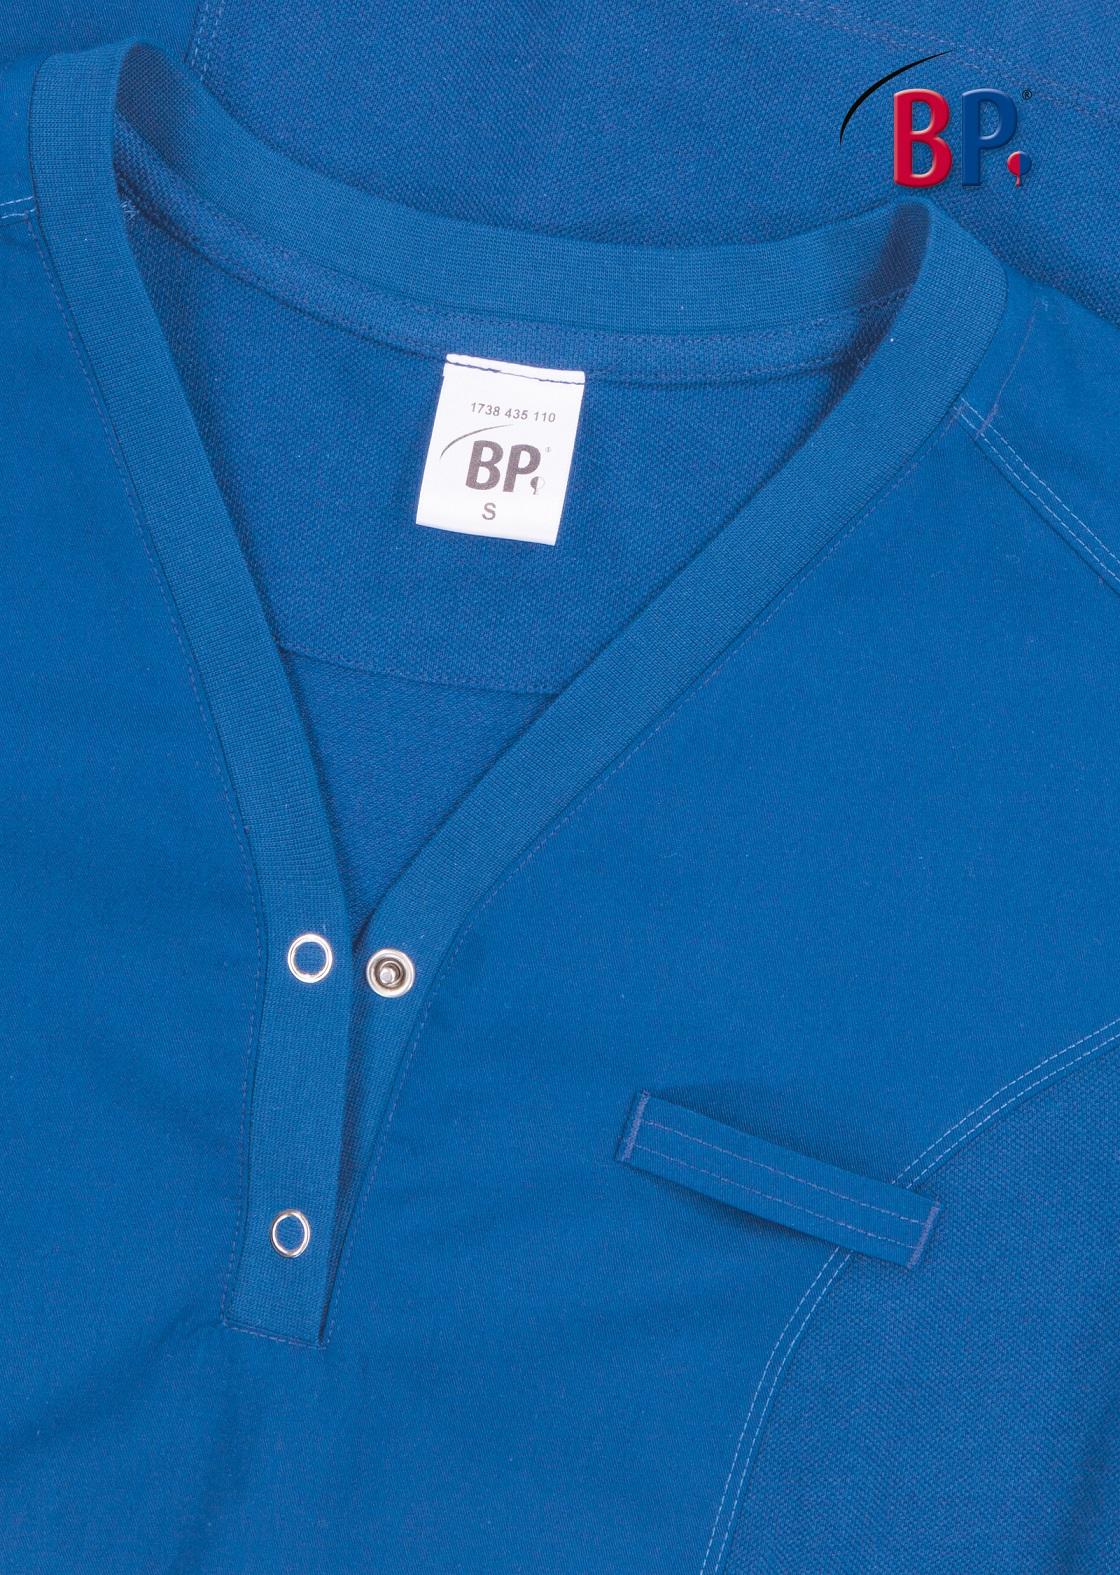 BP, Komfortkasack 1738 435